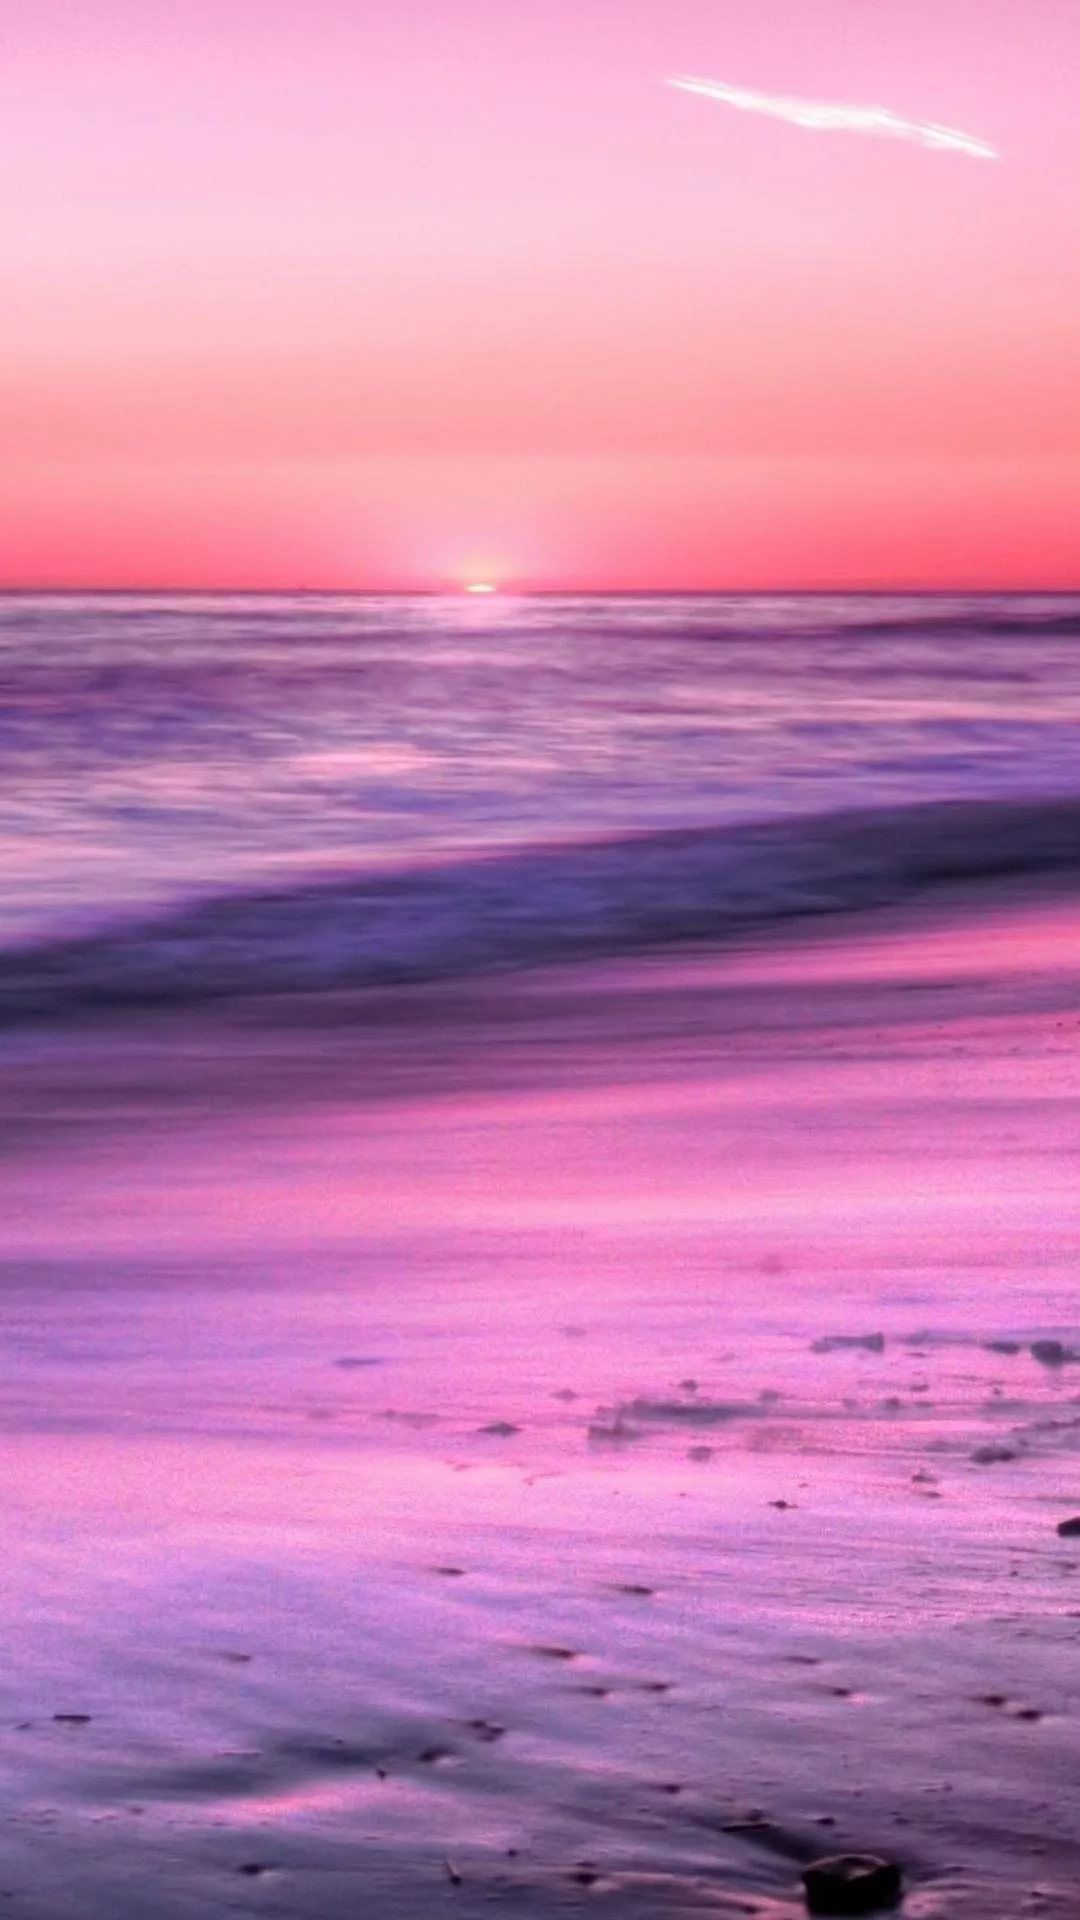 Beautiful Sunset wallpaper 1080x1920